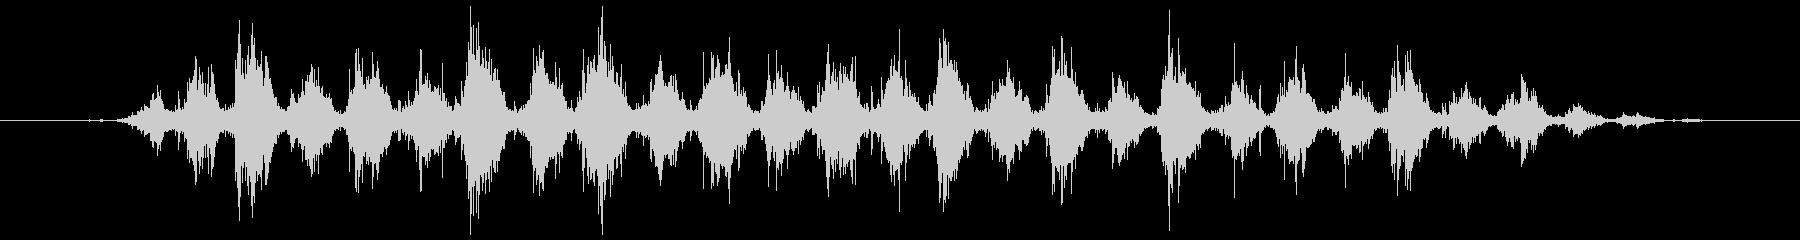 歯磨きする音 短め(シャカシャカ…)の未再生の波形